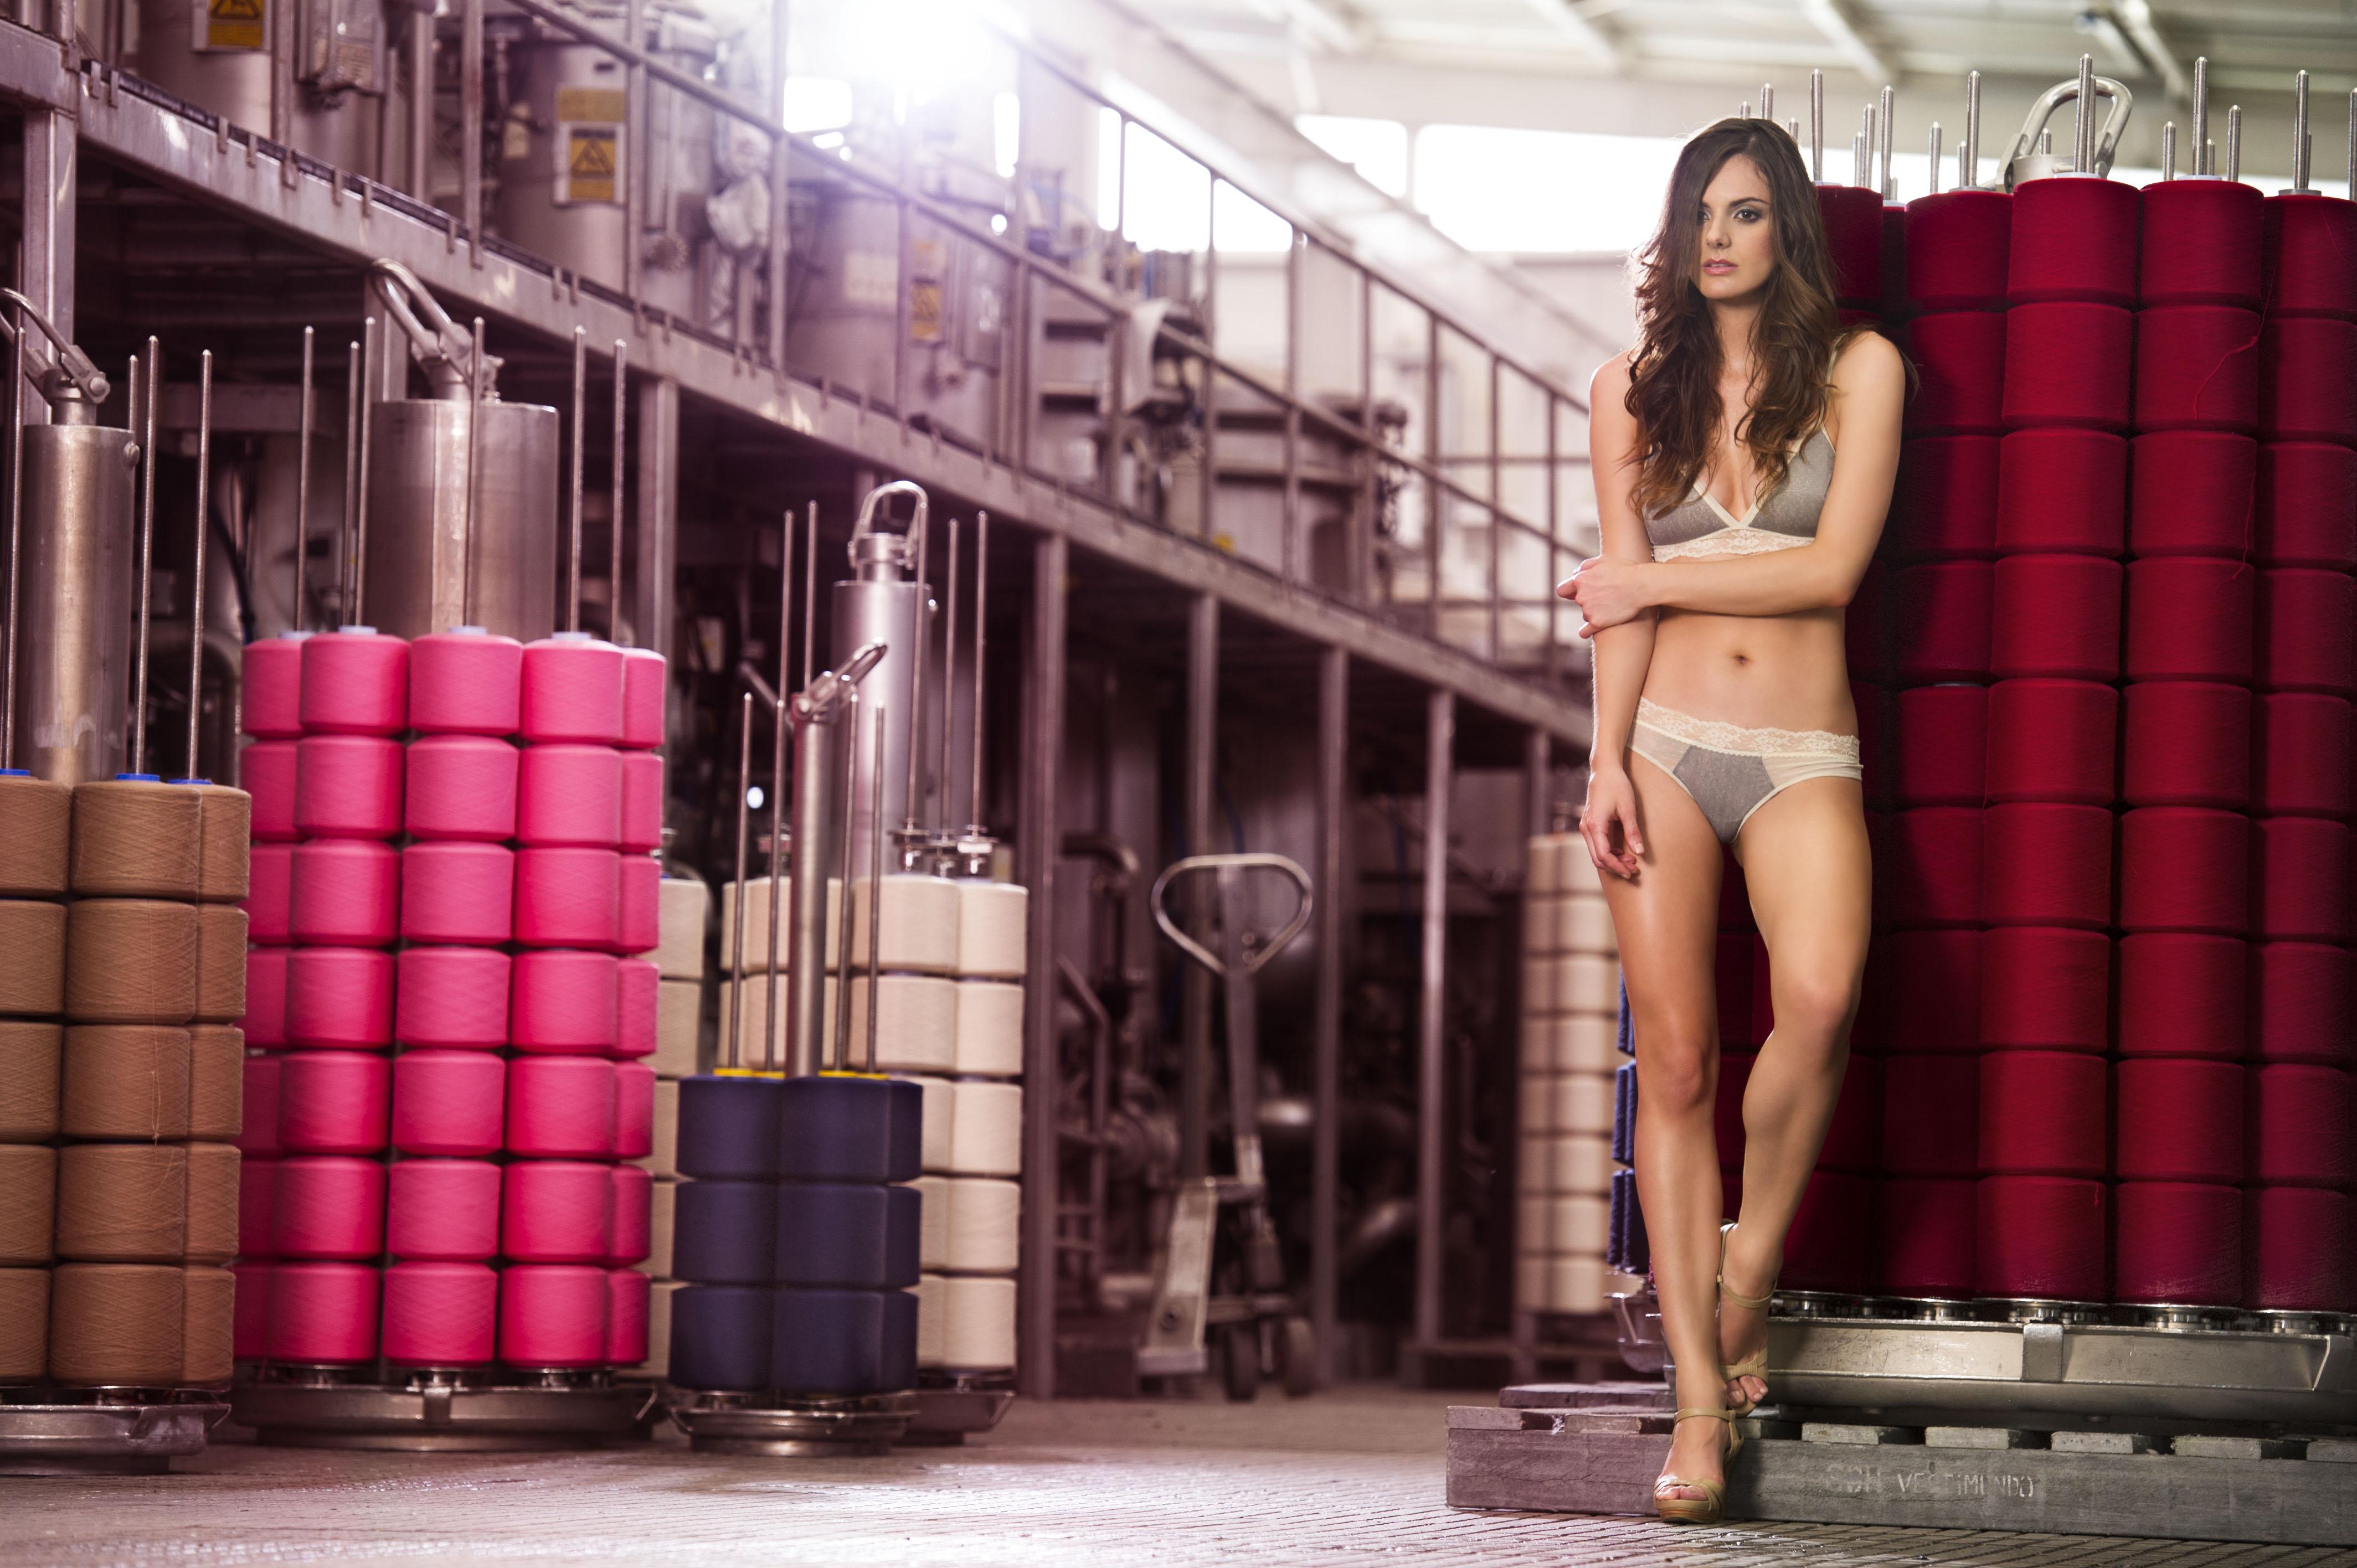 Lenceria Ropa De Baño: de trajes de baño y ropa interior presentan oferta a empresarios de